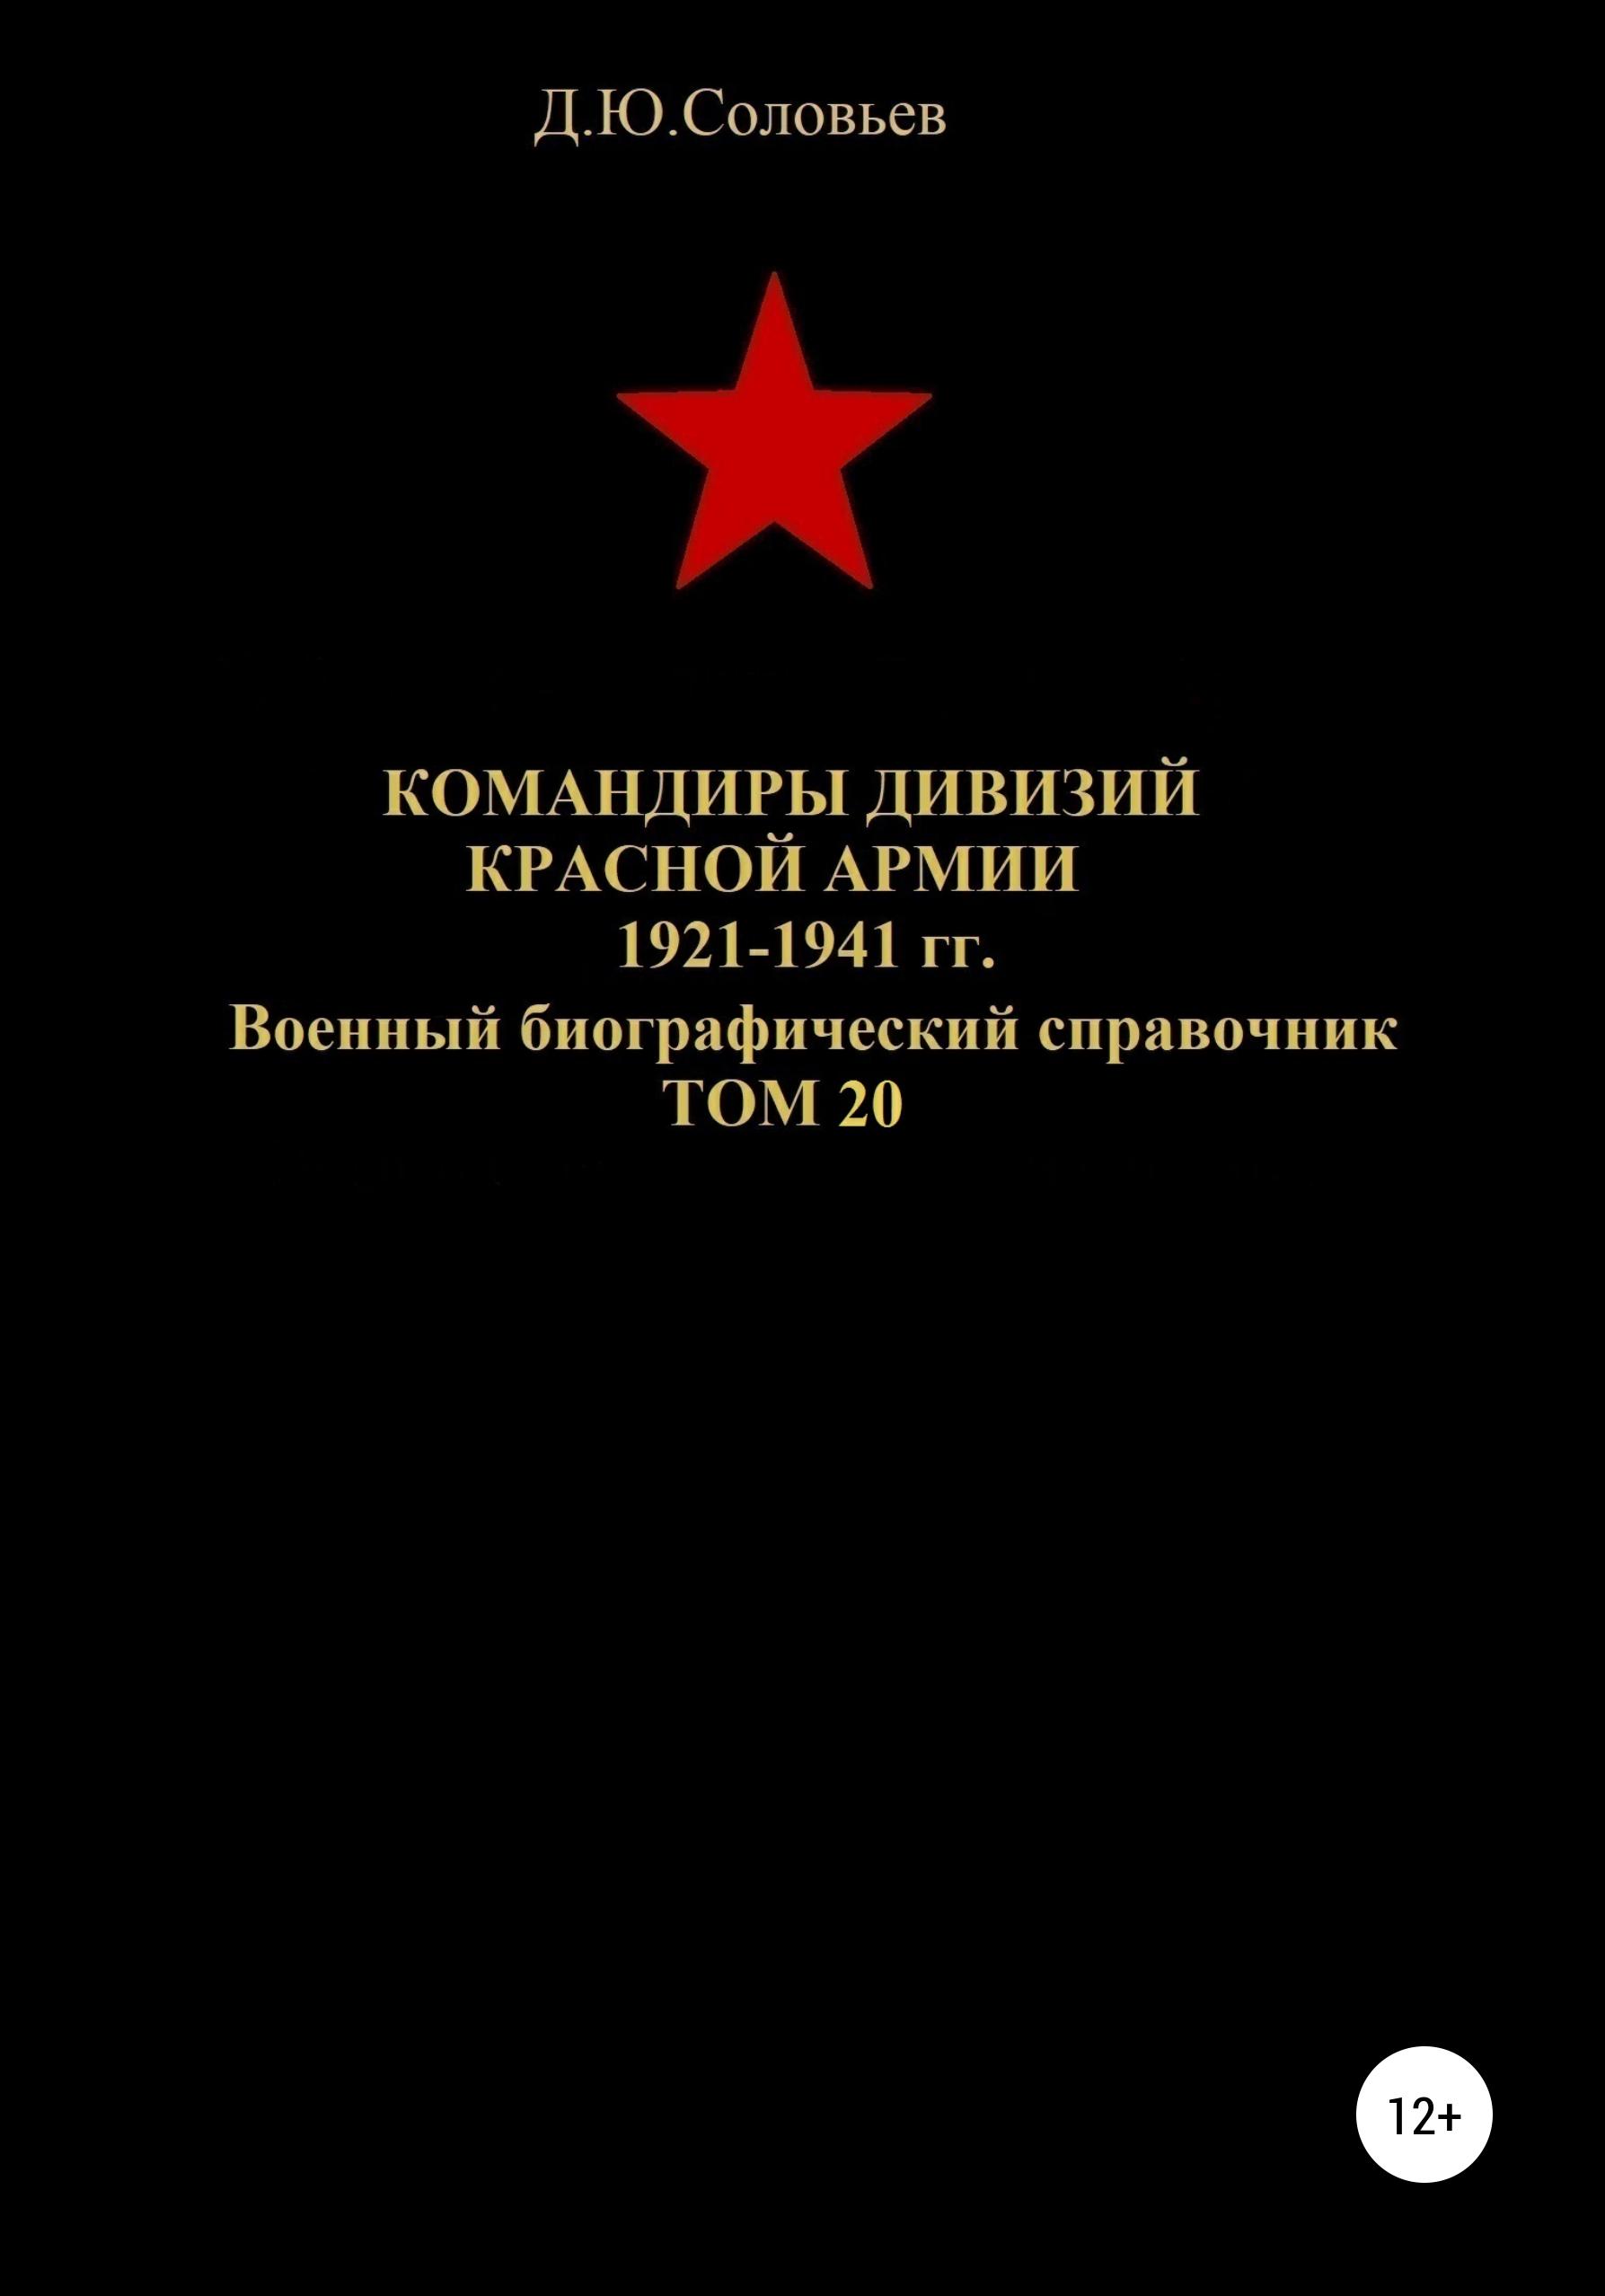 Командиры дивизий Красной Армии 1921-1941 гг. Том 20